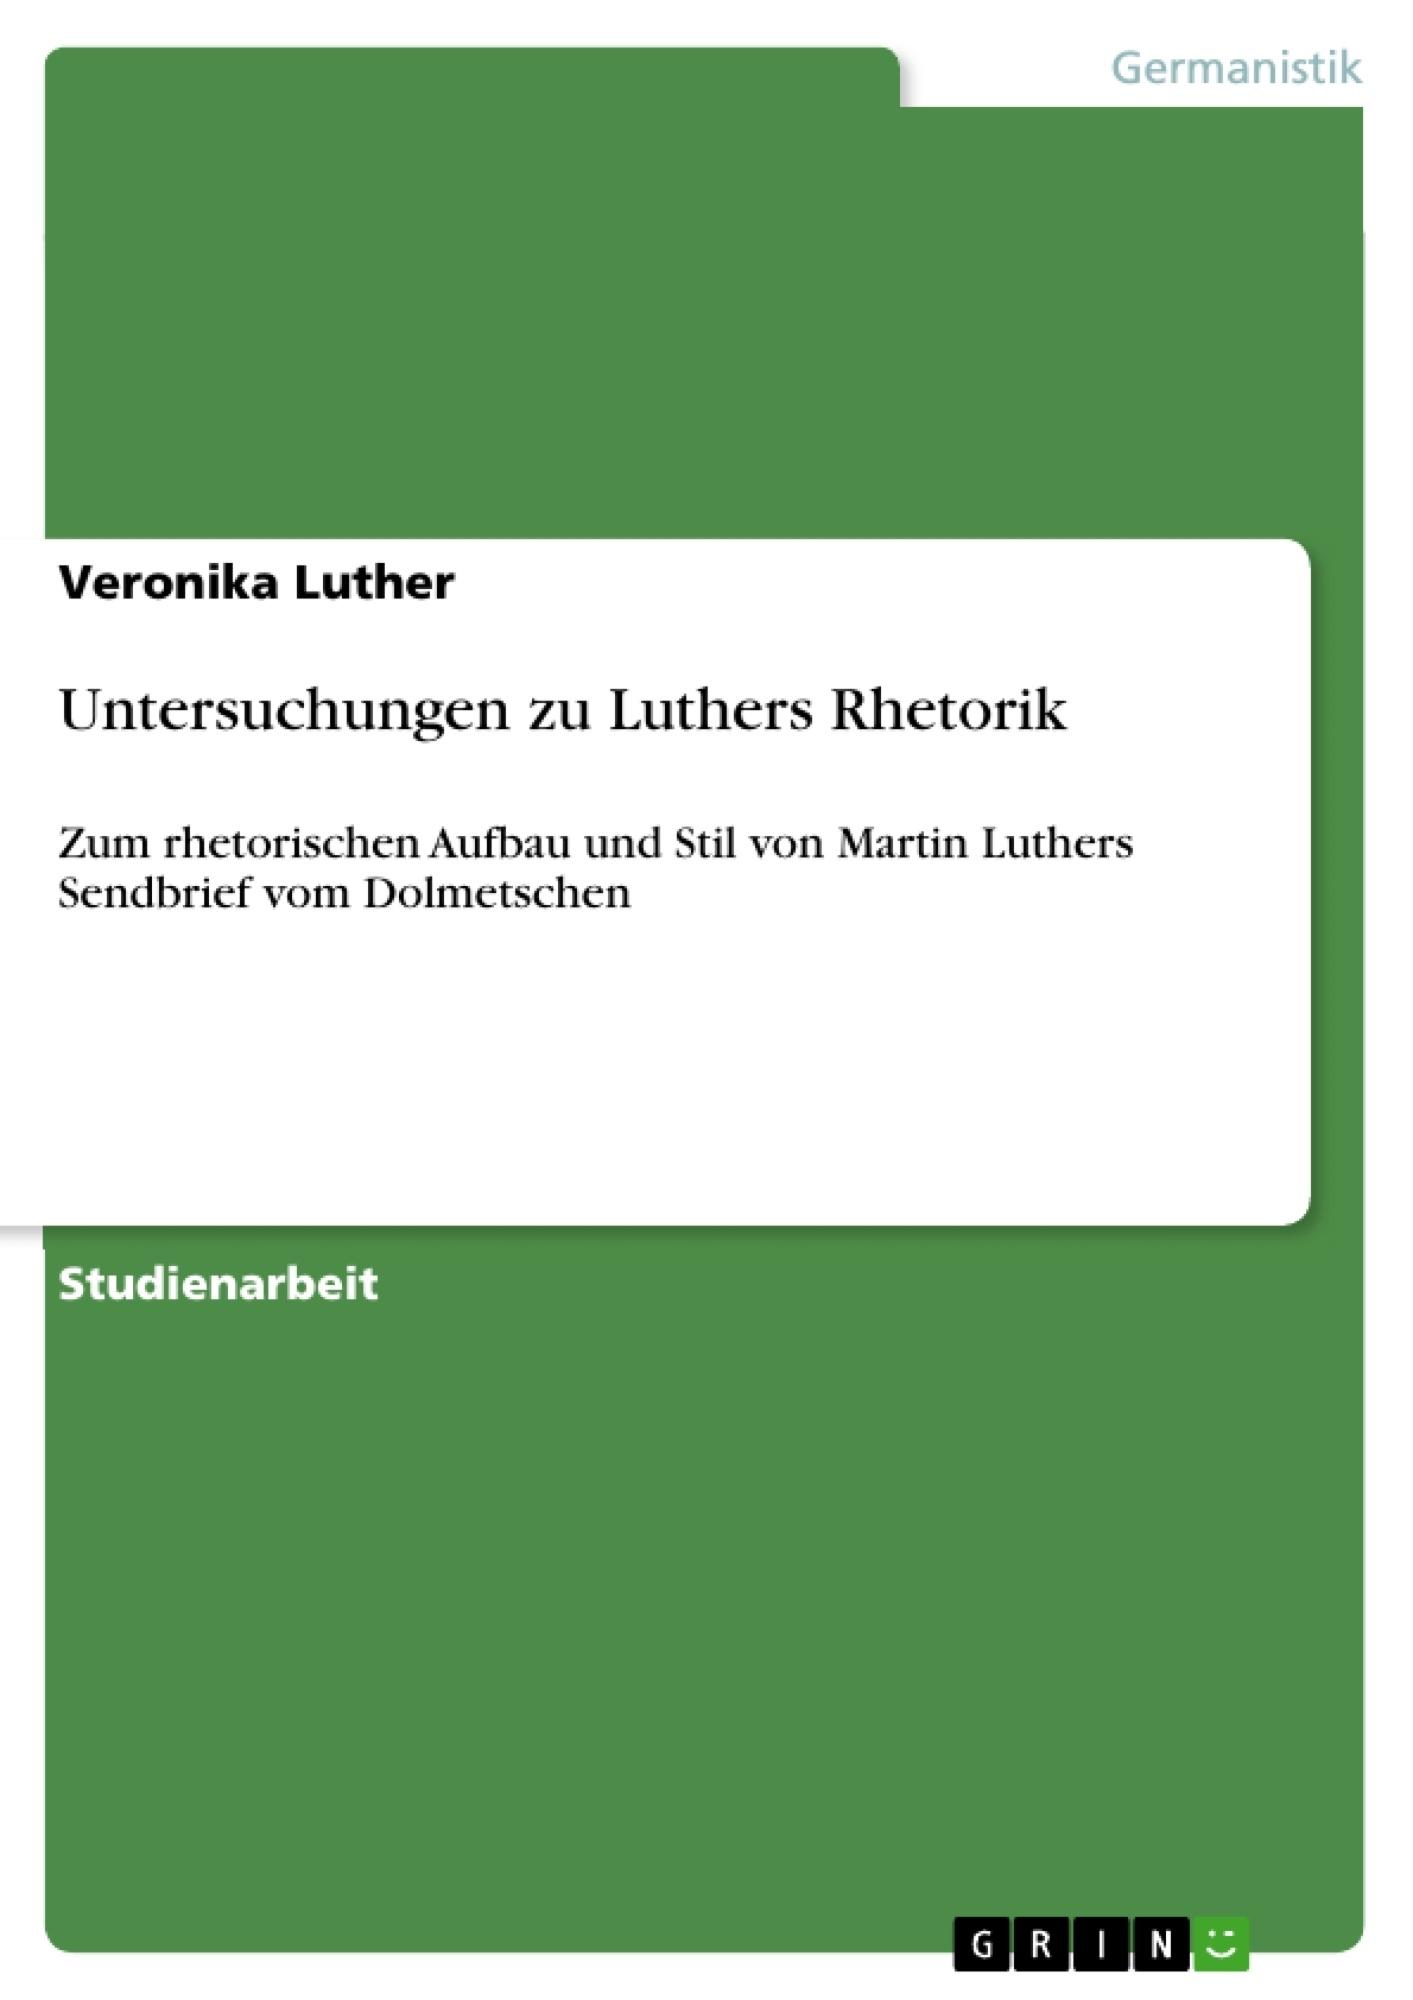 Titel: Untersuchungen zu Luthers Rhetorik